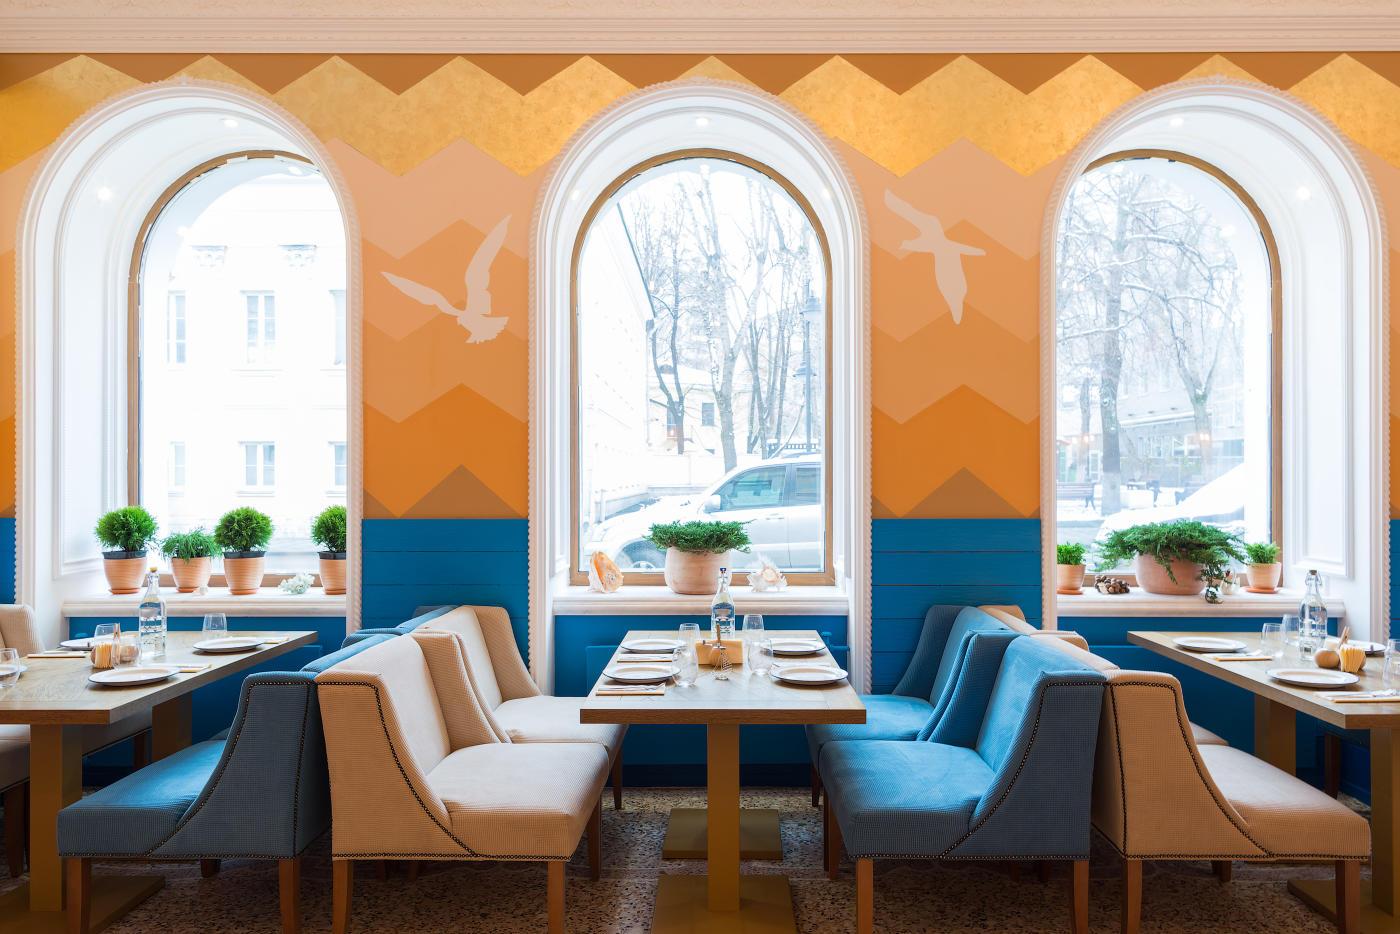 Крымский Ресторан Крымская кухня на Пятницкой (Добрынинская) фото 6